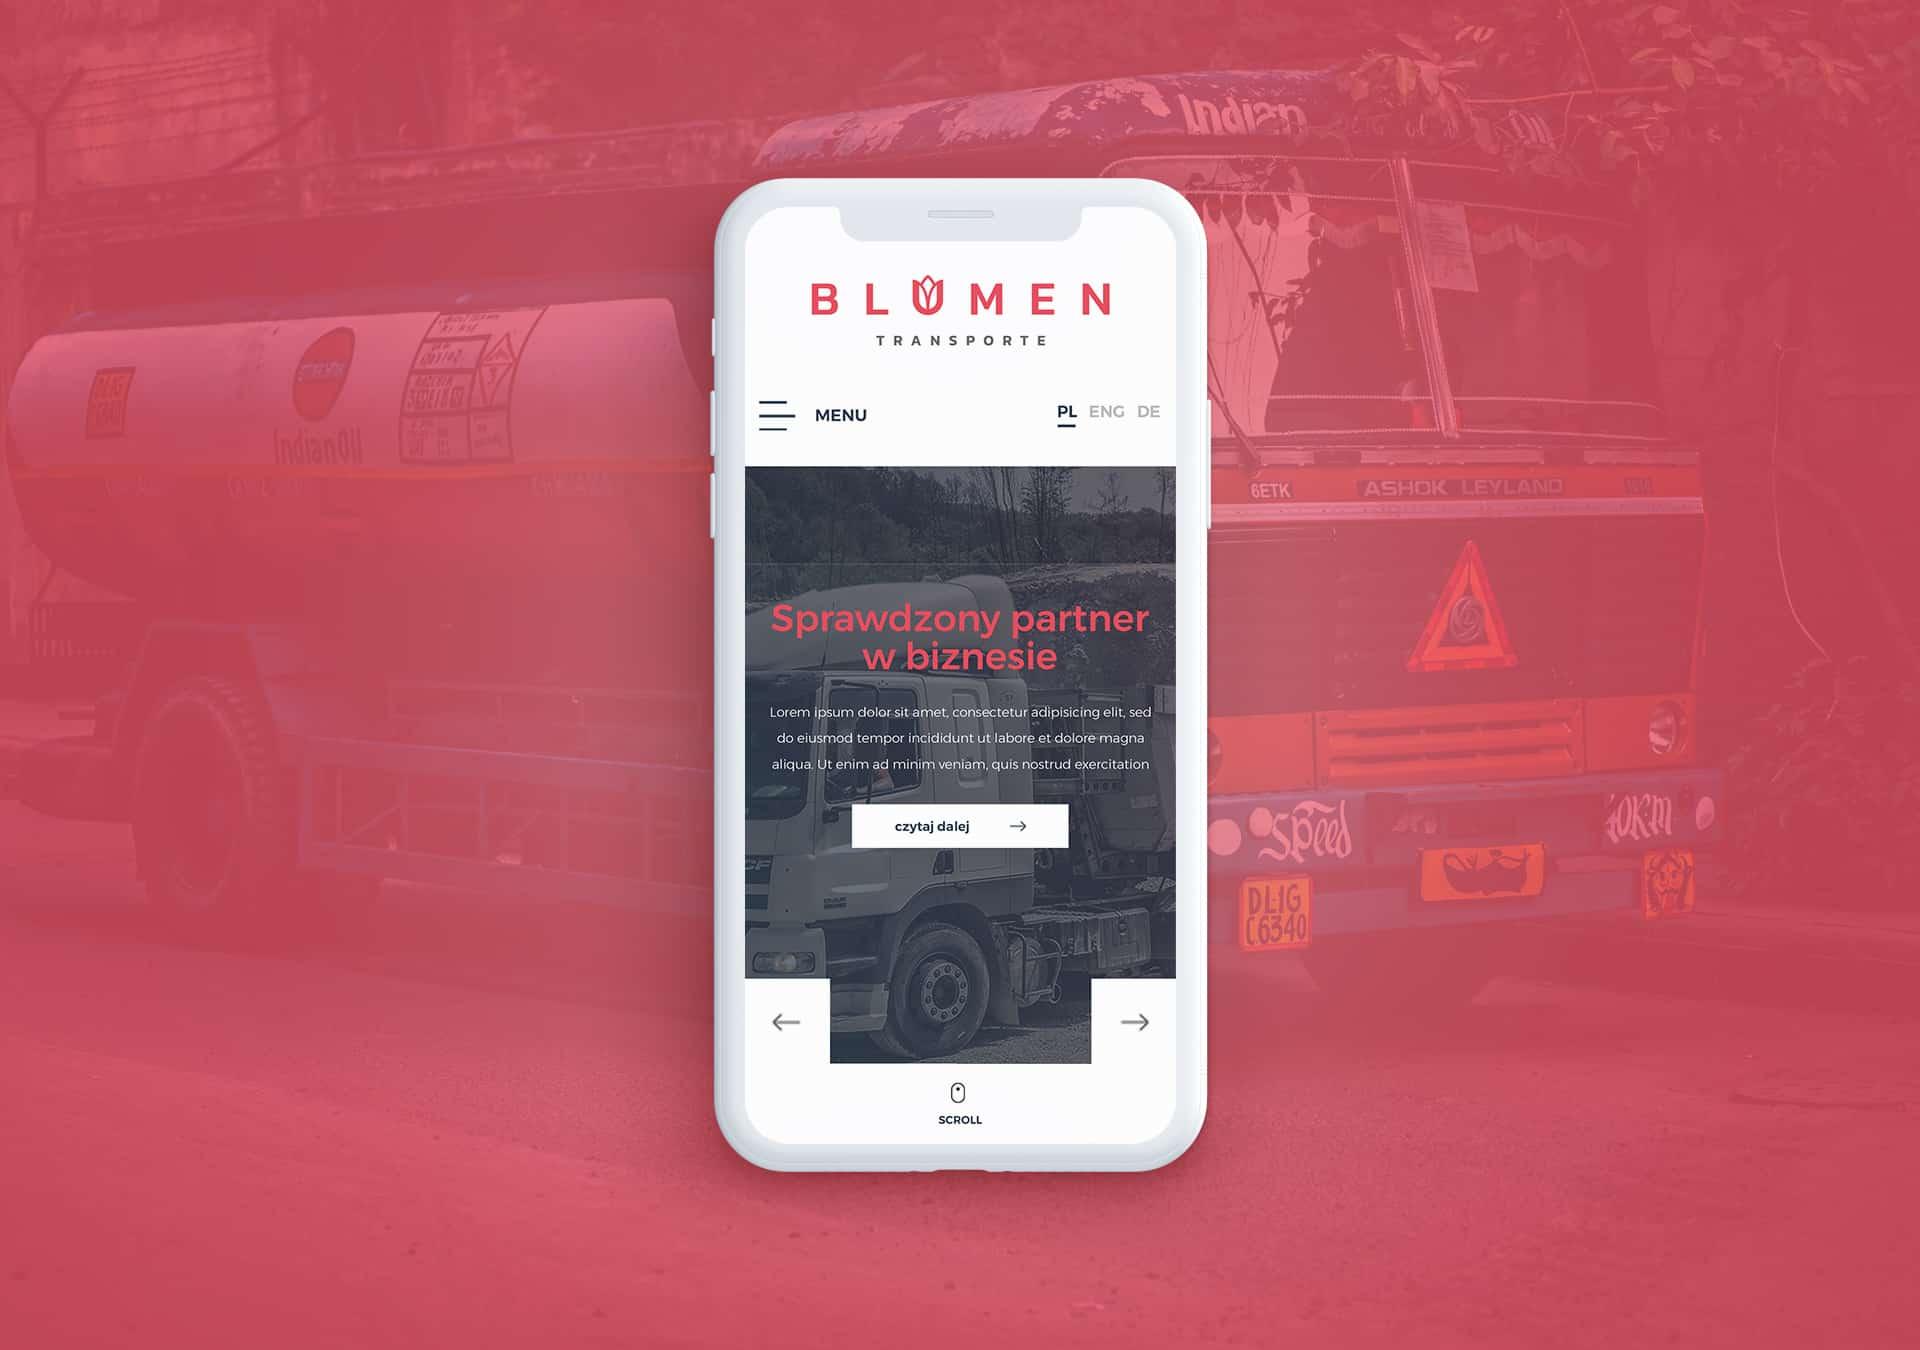 blumen11